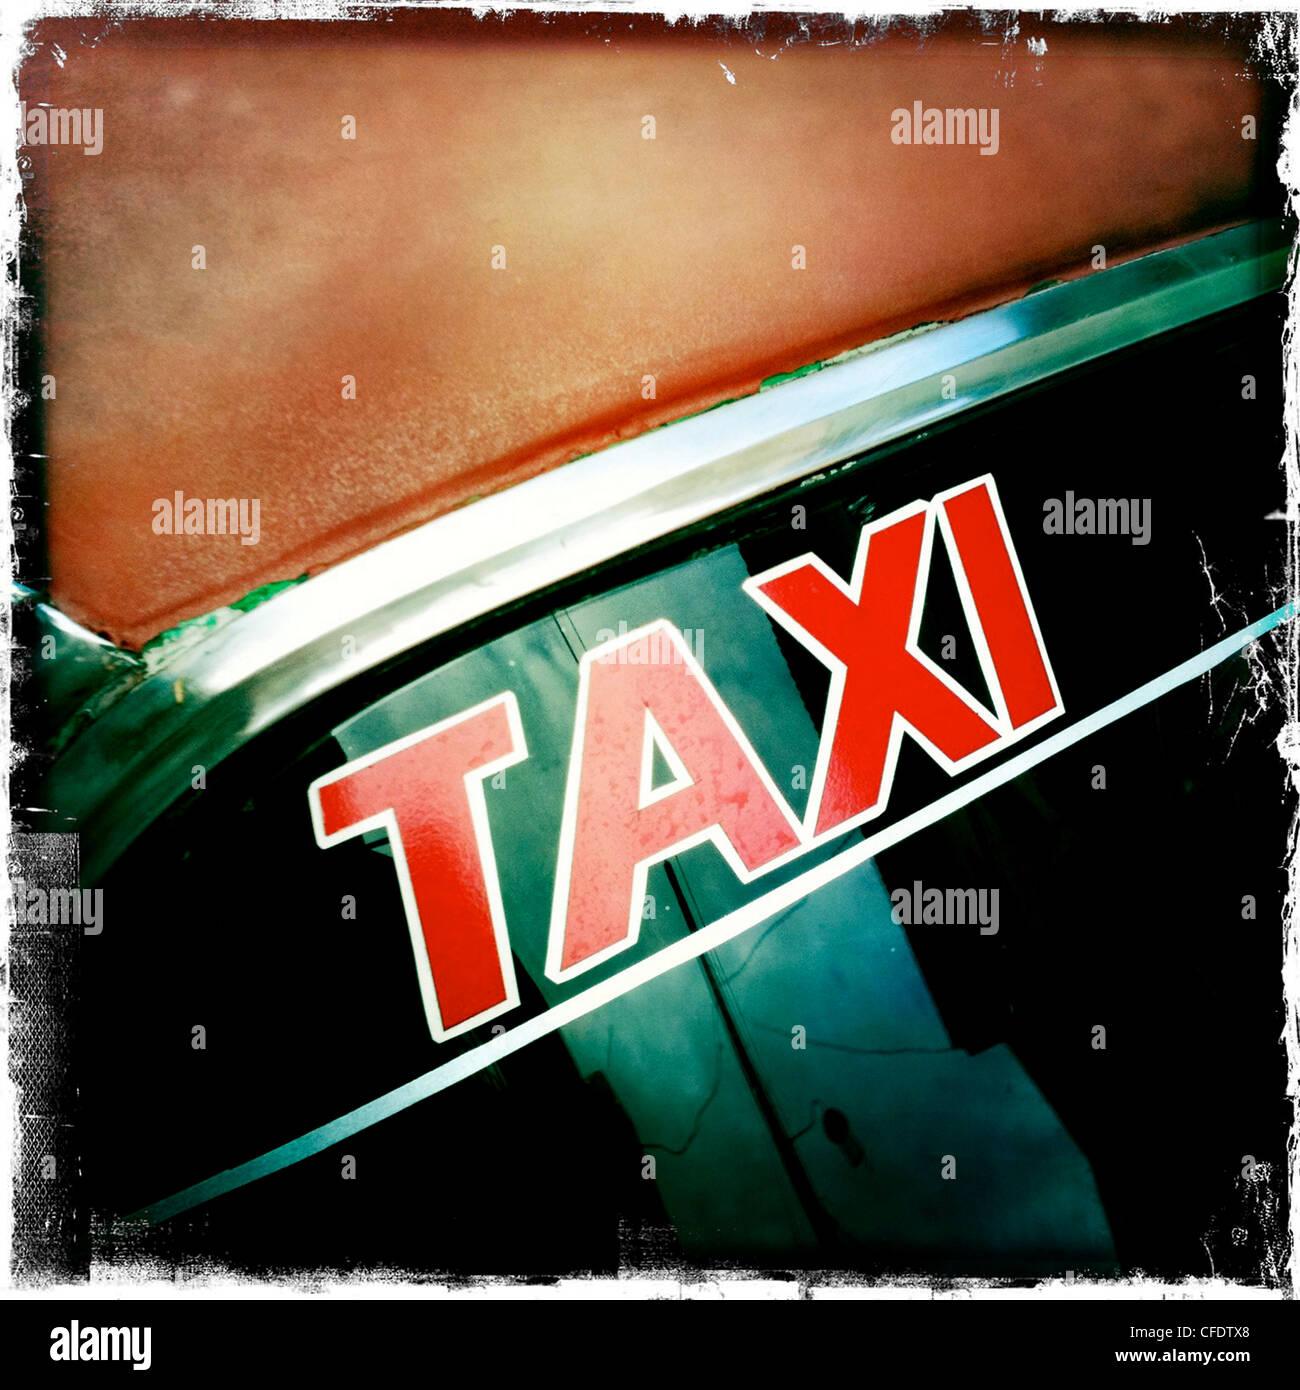 Taxischild auf Windschutzscheibe des amerikanischen Oldtimer, Trinidad, Kuba, Westindische Inseln, Karibik, Mittelamerika Stockbild